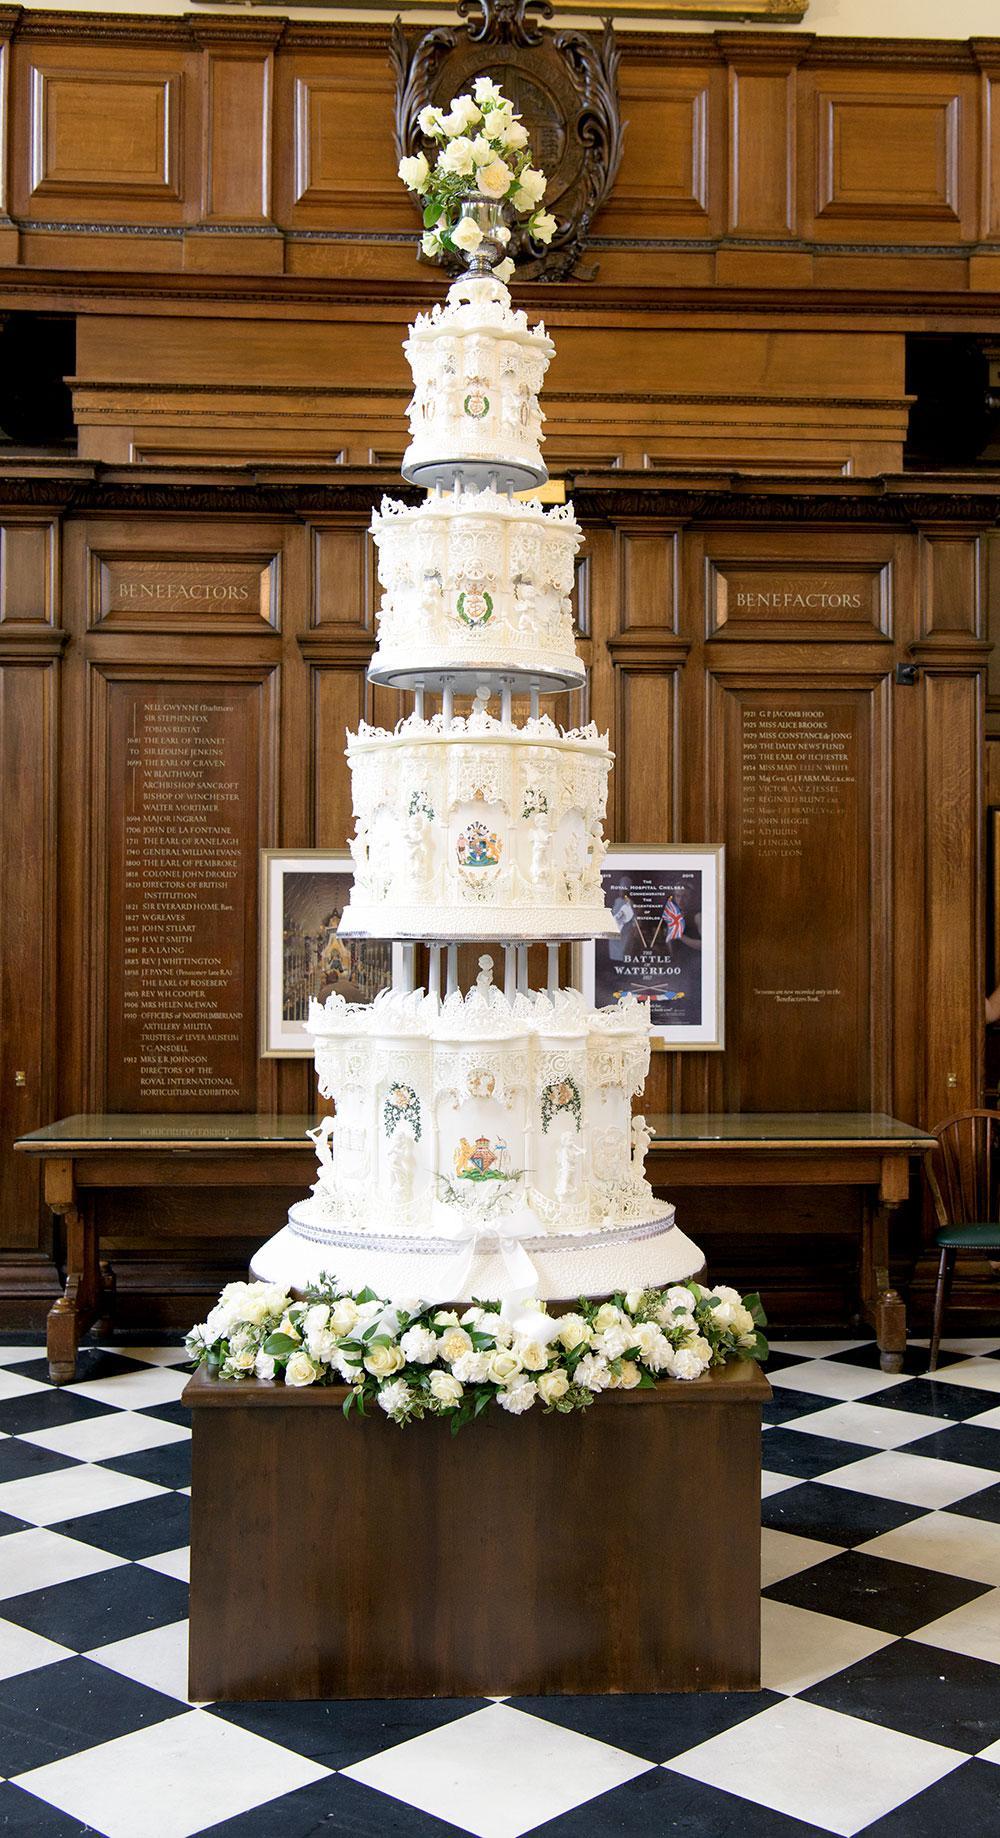 Lépoustouflant Gâteau De Mariage De La Reine Elizabeth Ii